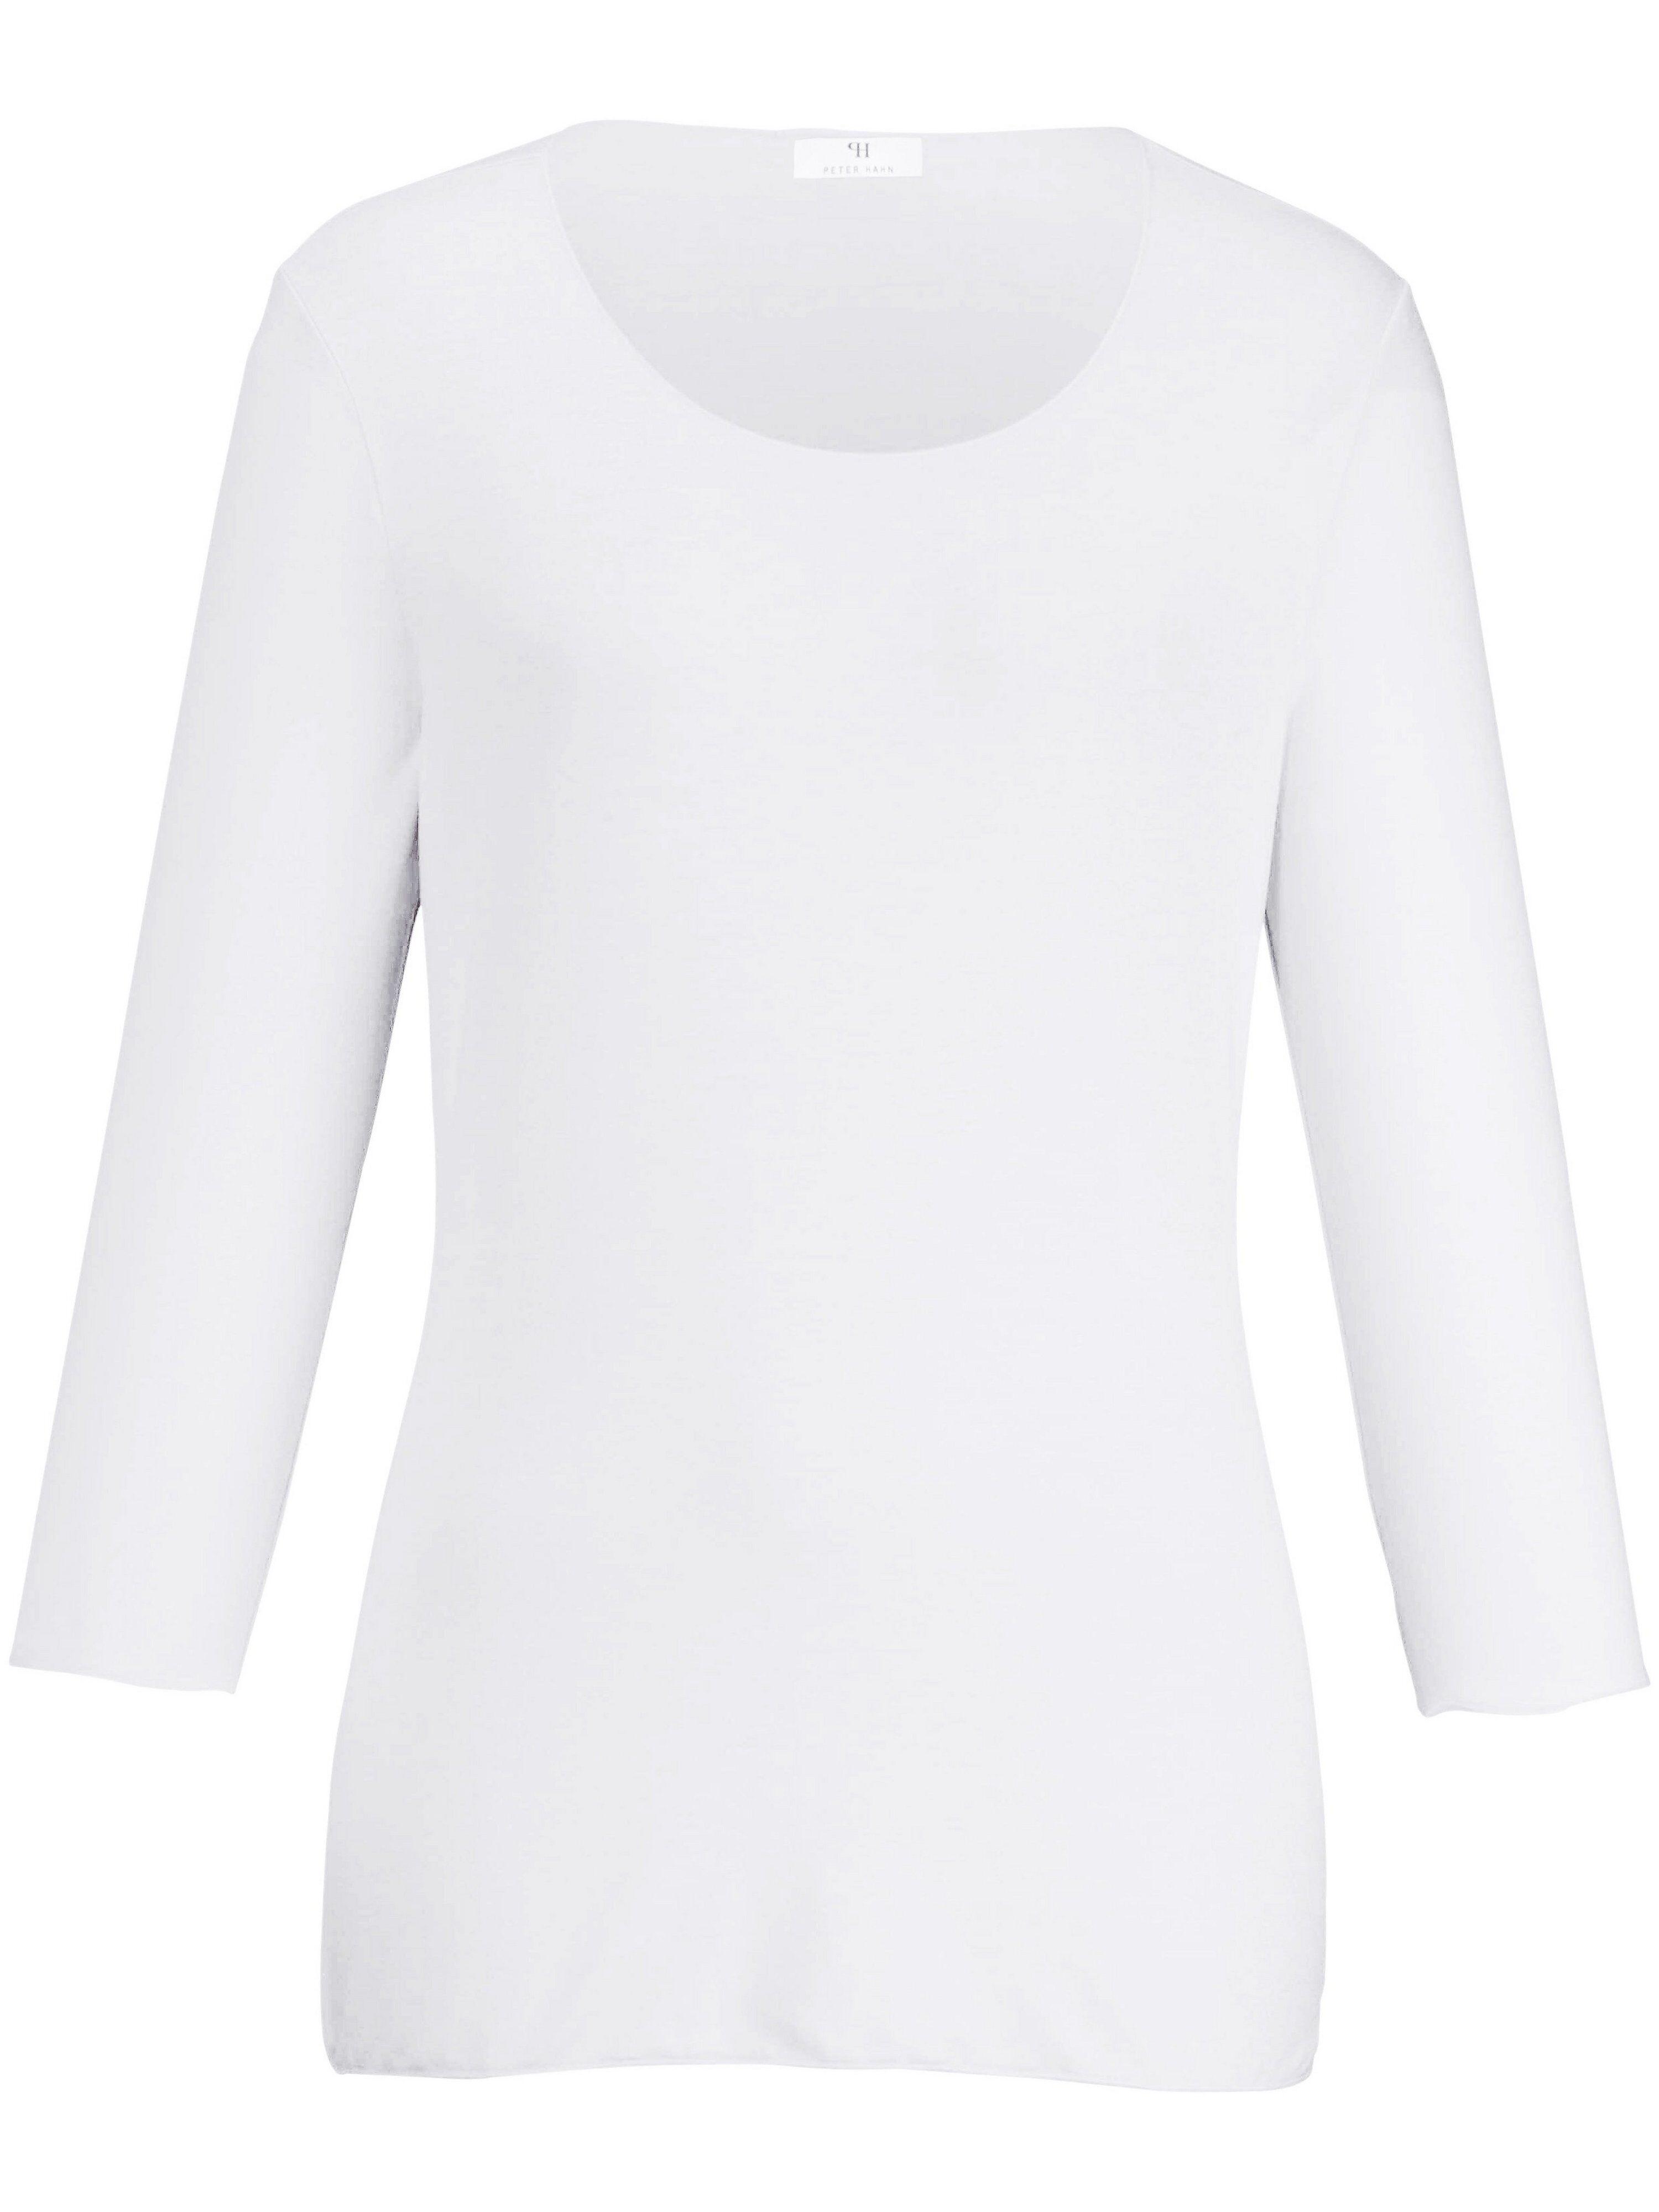 Peter Hahn Le T-shirt manches 3/4  Peter Hahn blanc  - Femme - 38